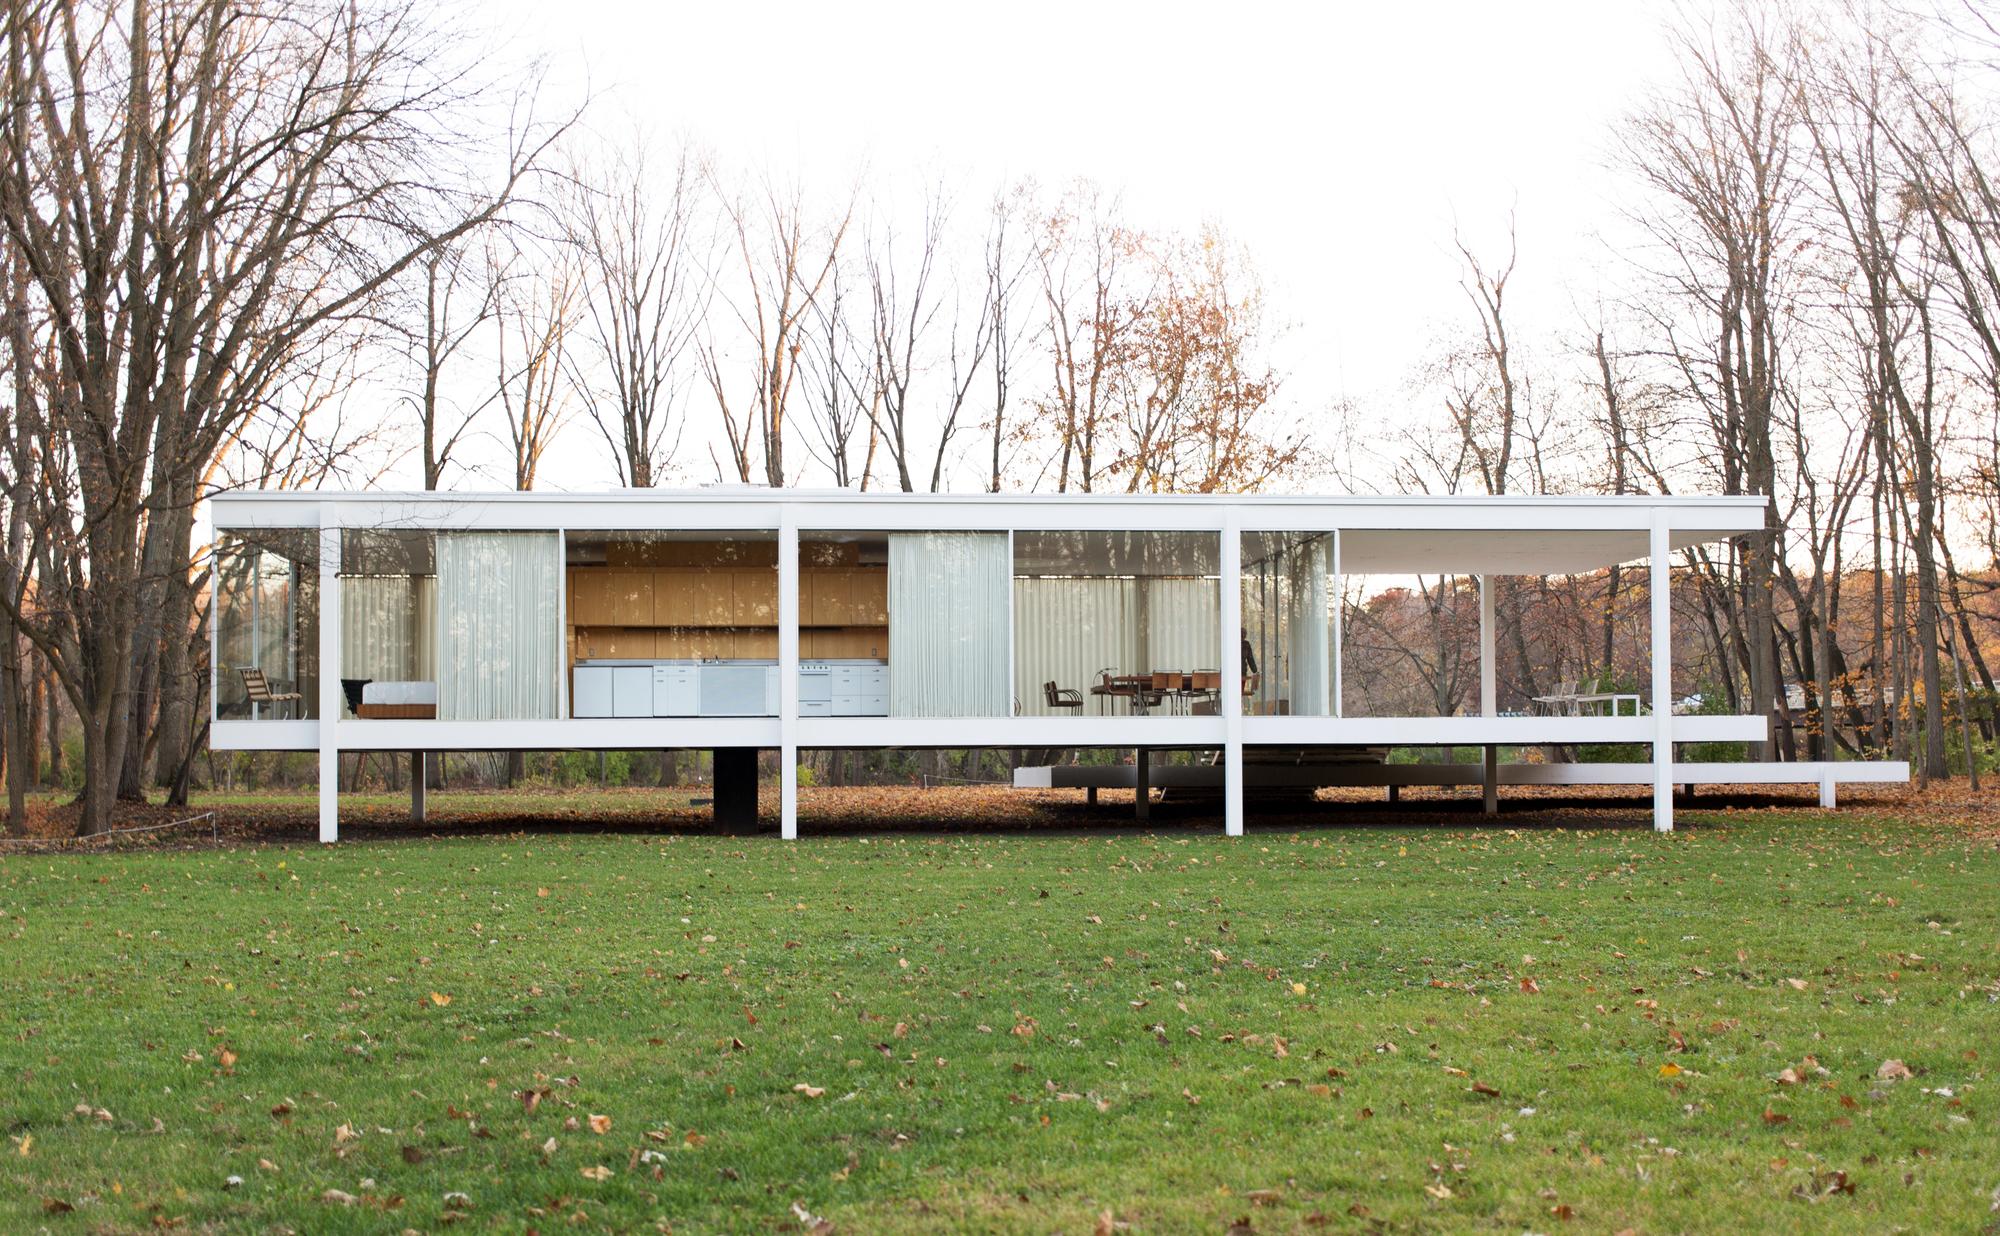 Galeria de tutorial de revit ensina a desenhar a casa for Casa minimalista de mies van der rohe